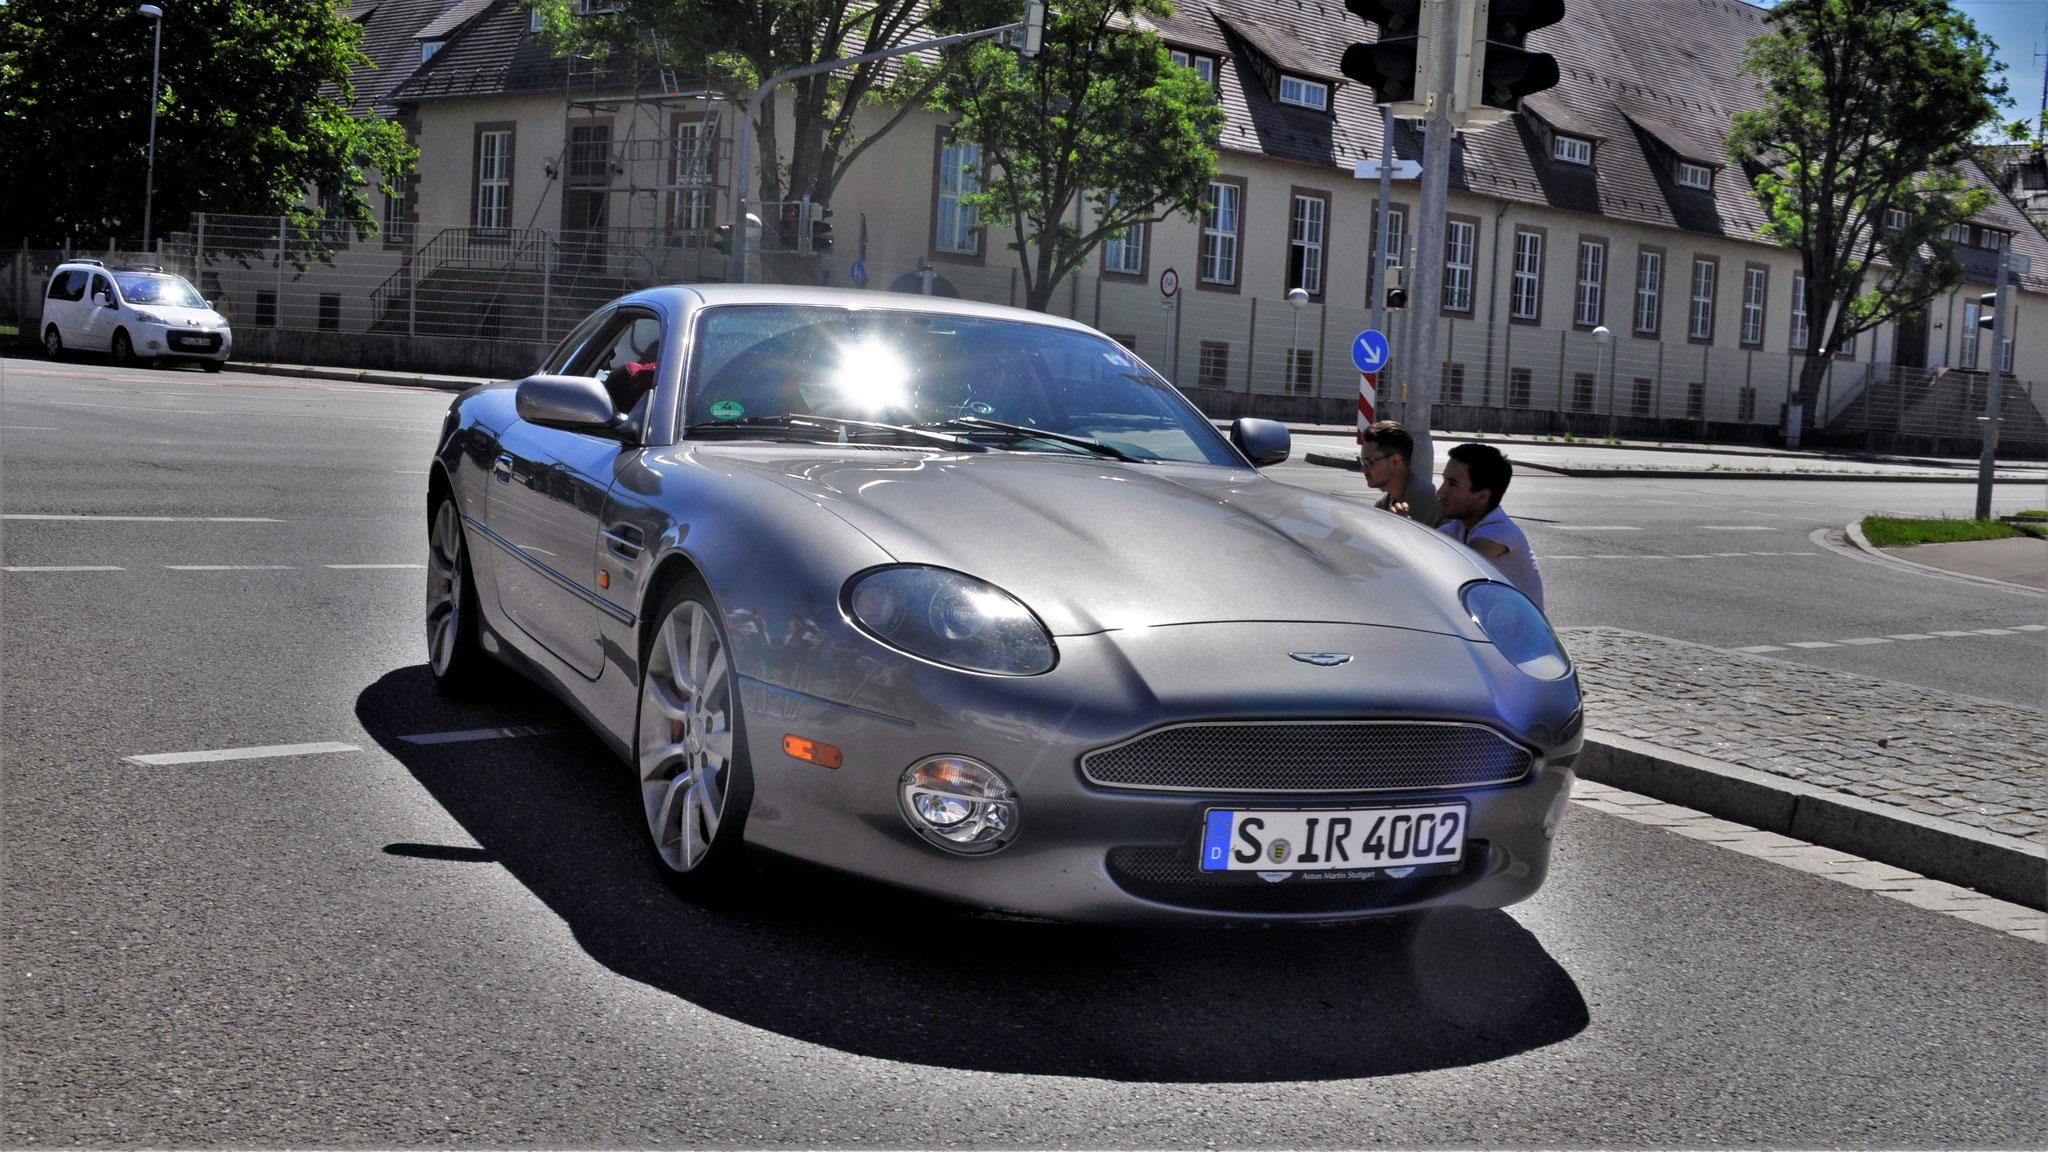 Aston Martin DB7 - S-IR-4002